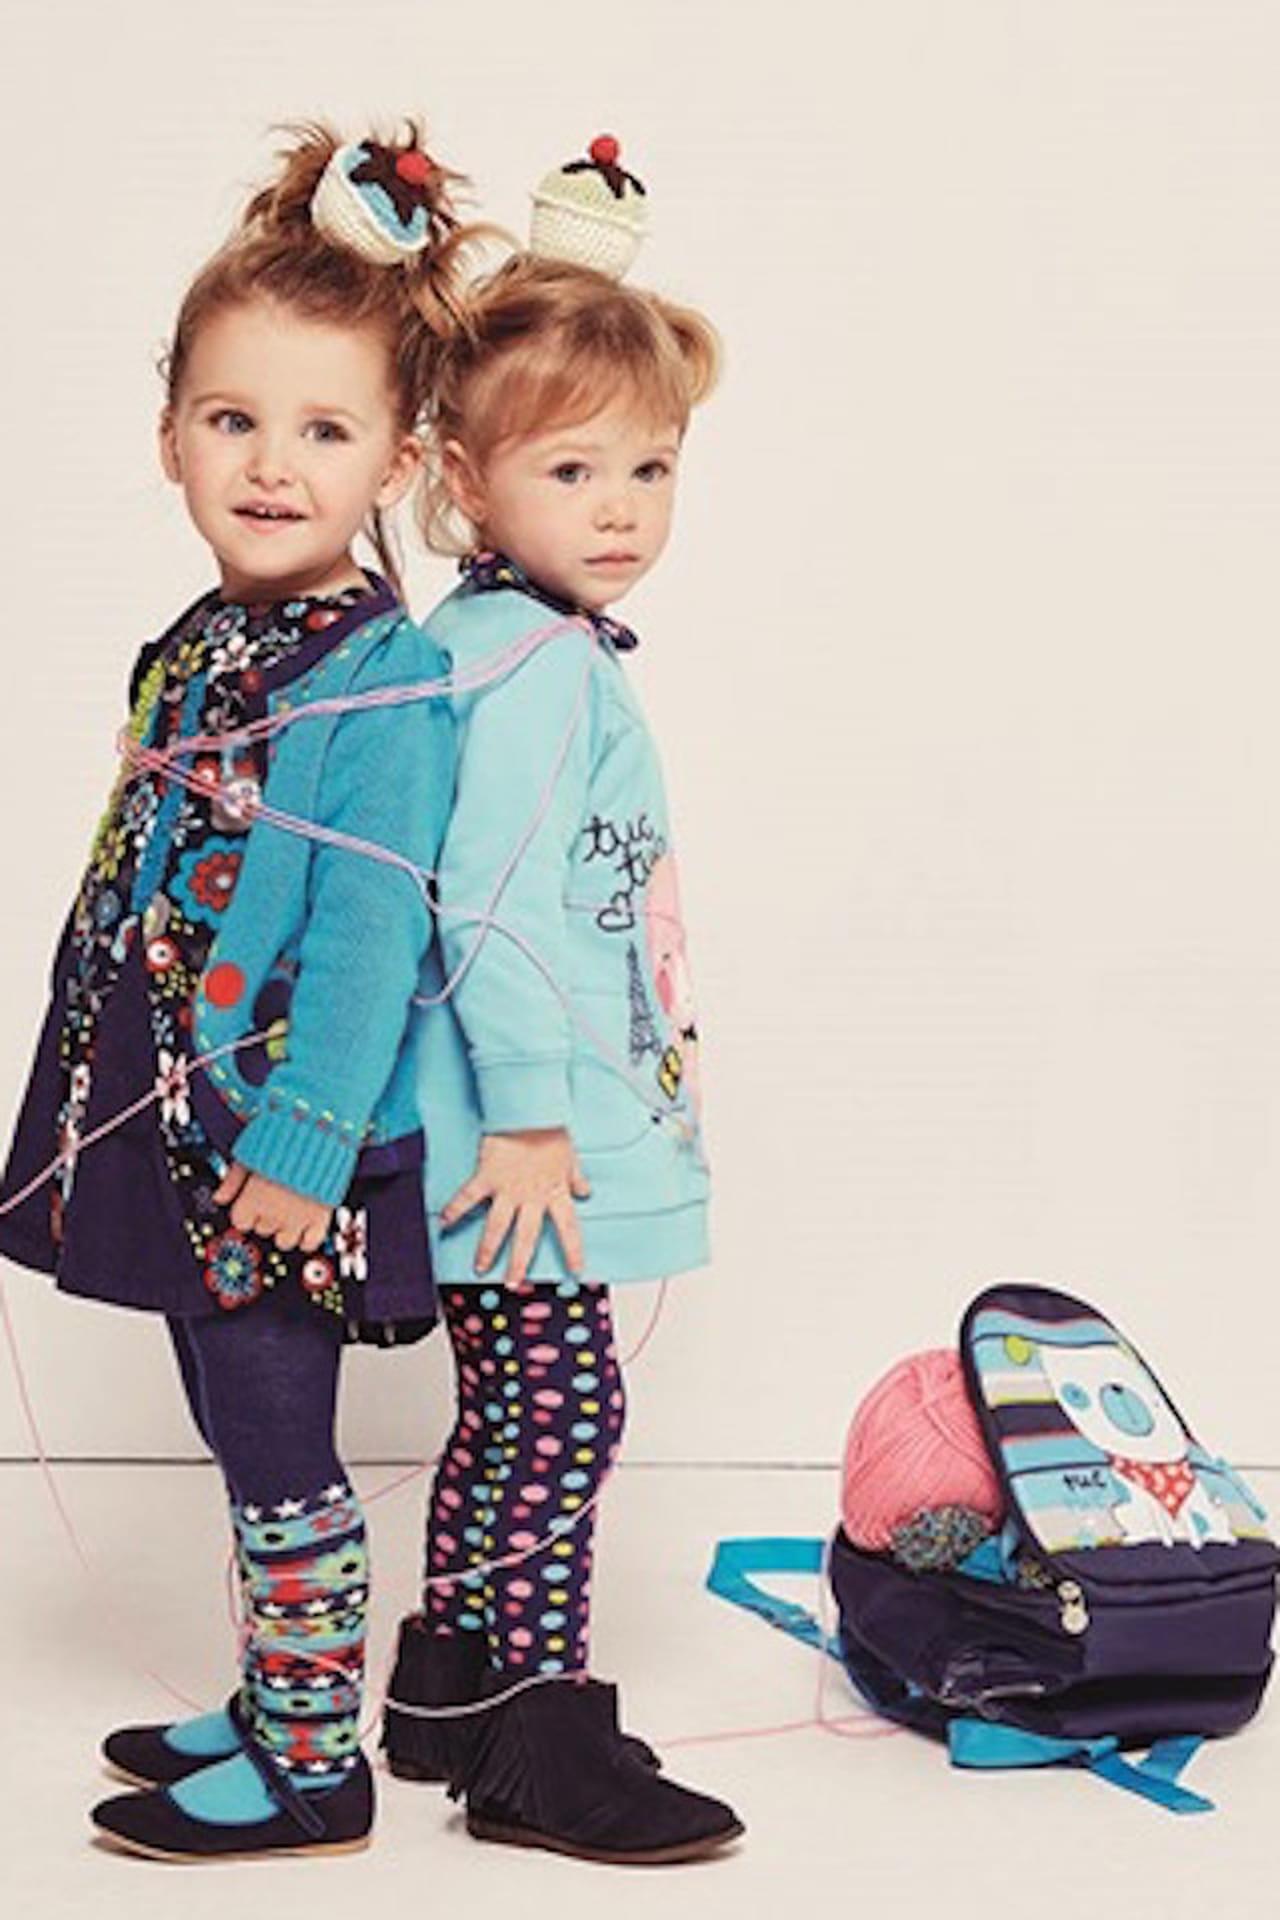 Exceptionnel Rientro a scuola: baby look alla moda per bimbe e bimbi XJ92